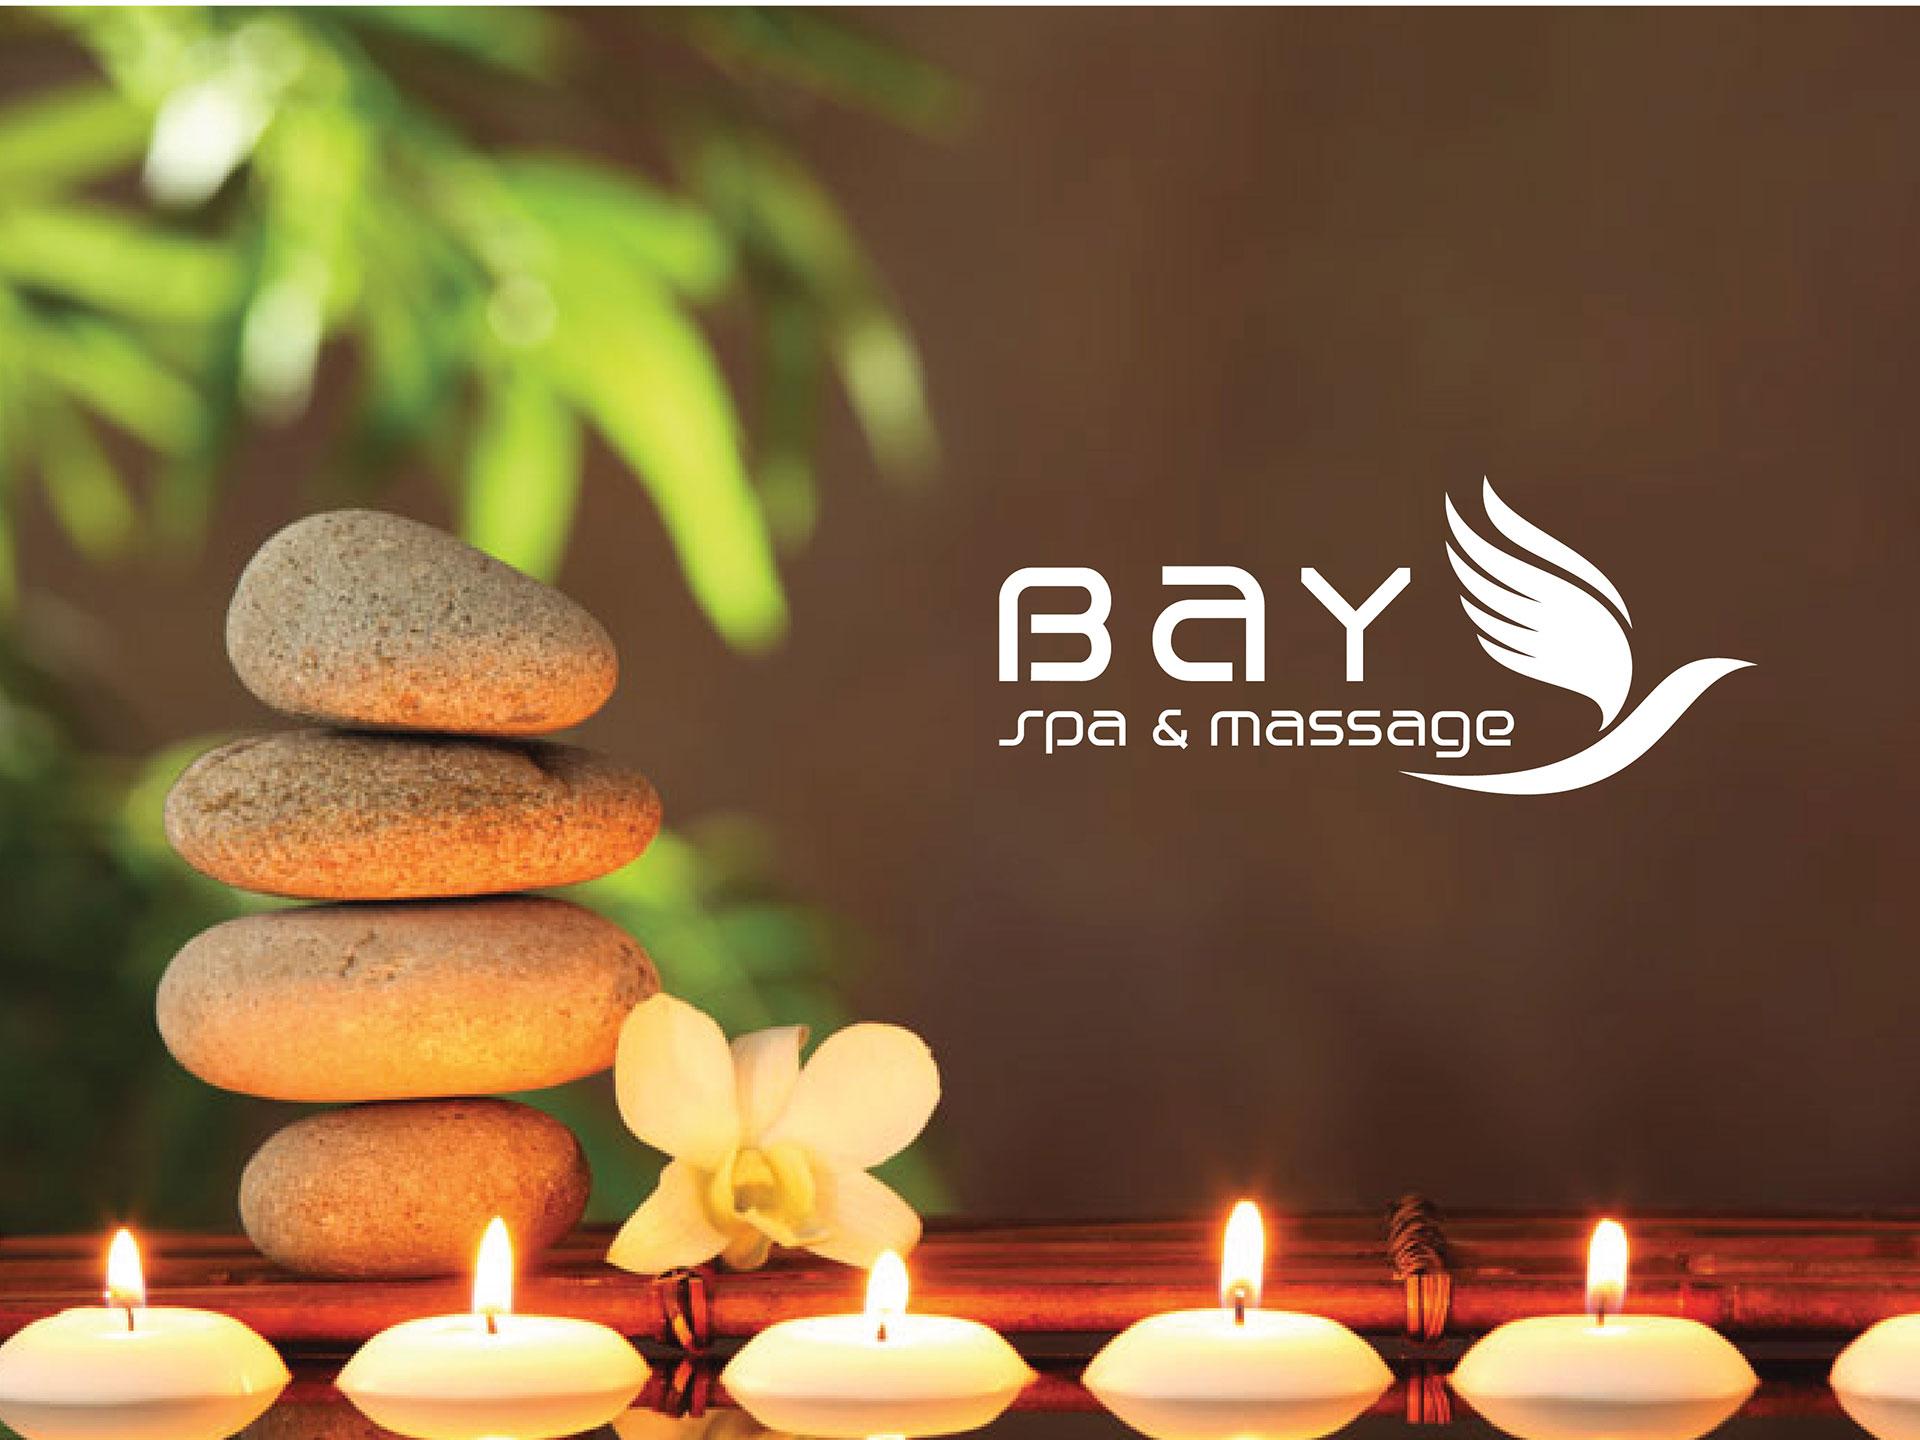 Thiết kế logo và bộ nhận diện thương hiệu Bay Spa tại TP HCM